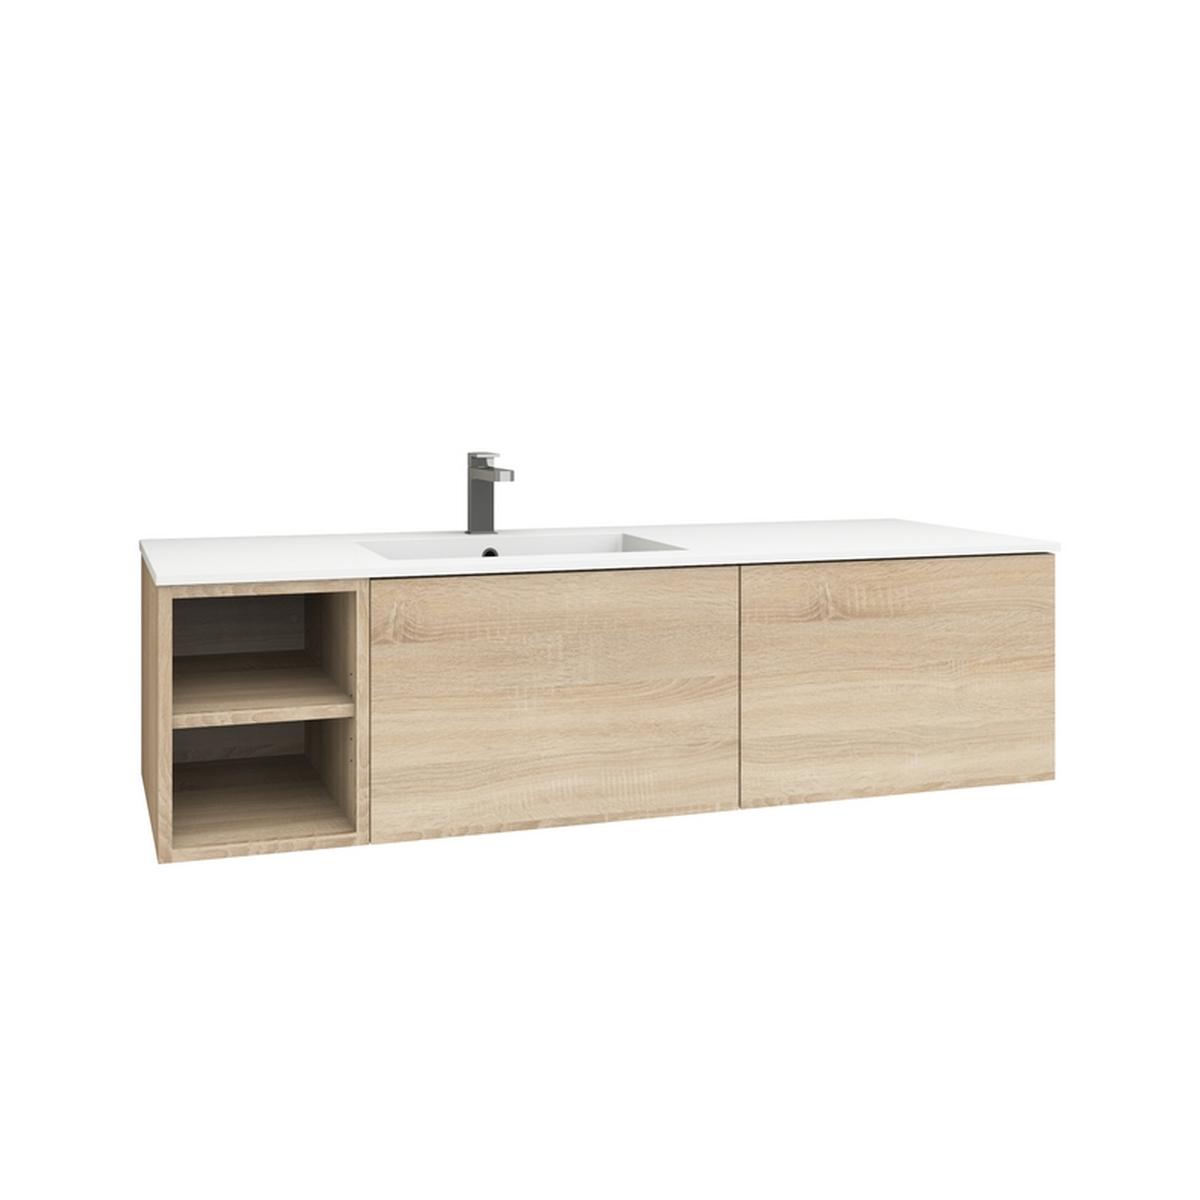 levanto 150l waschtisch set mit regal 2 ausz gen. Black Bedroom Furniture Sets. Home Design Ideas